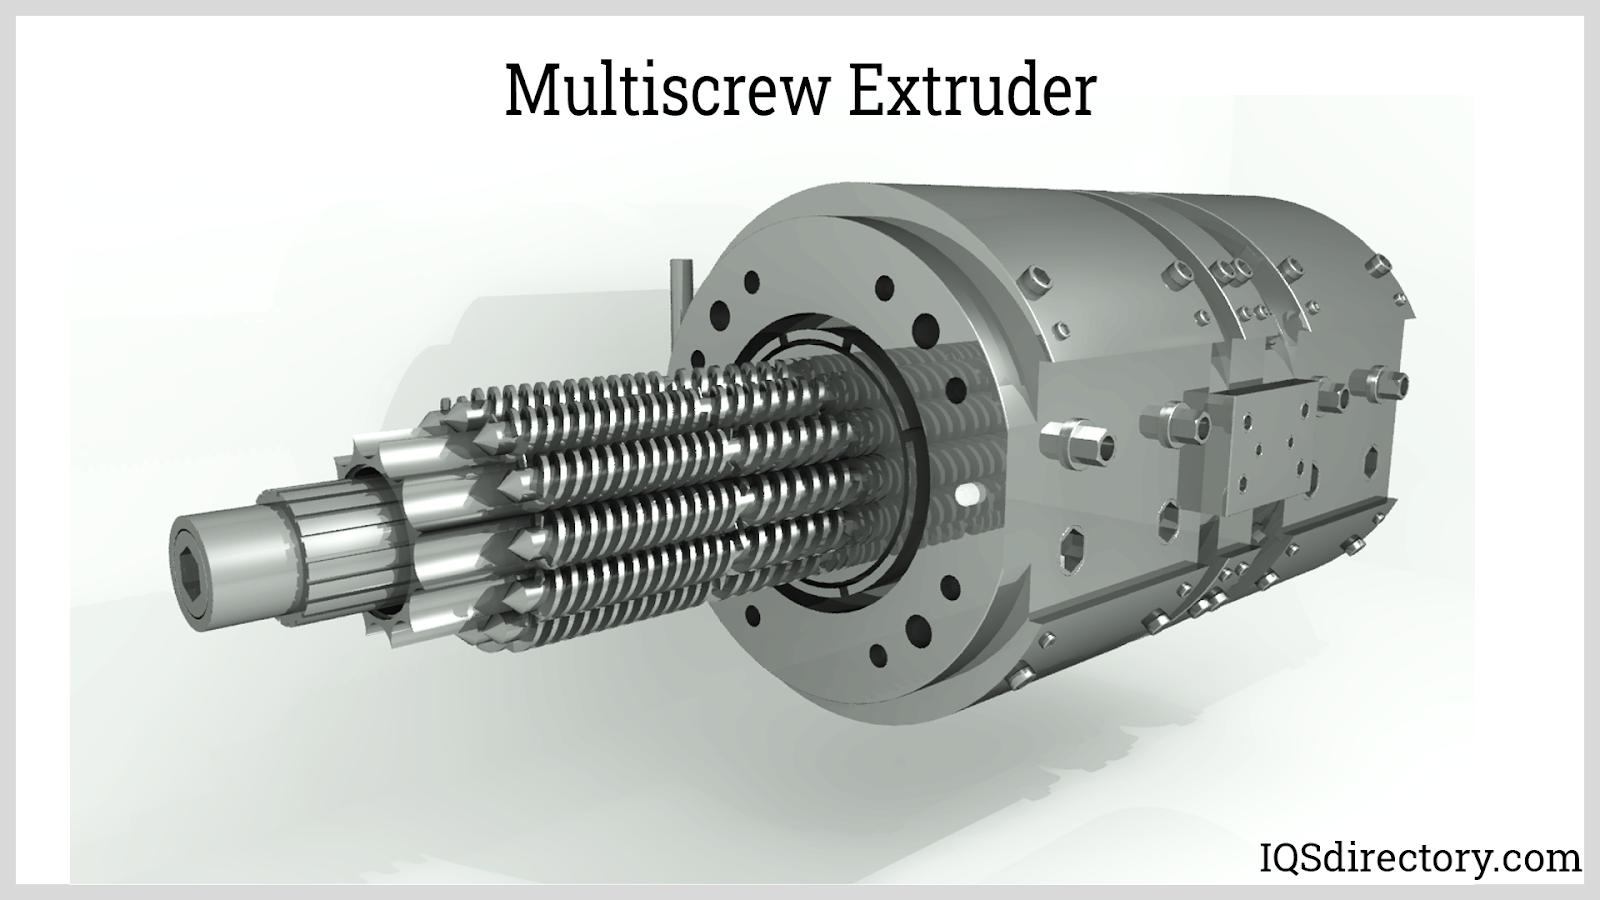 Multiscrew Extruder